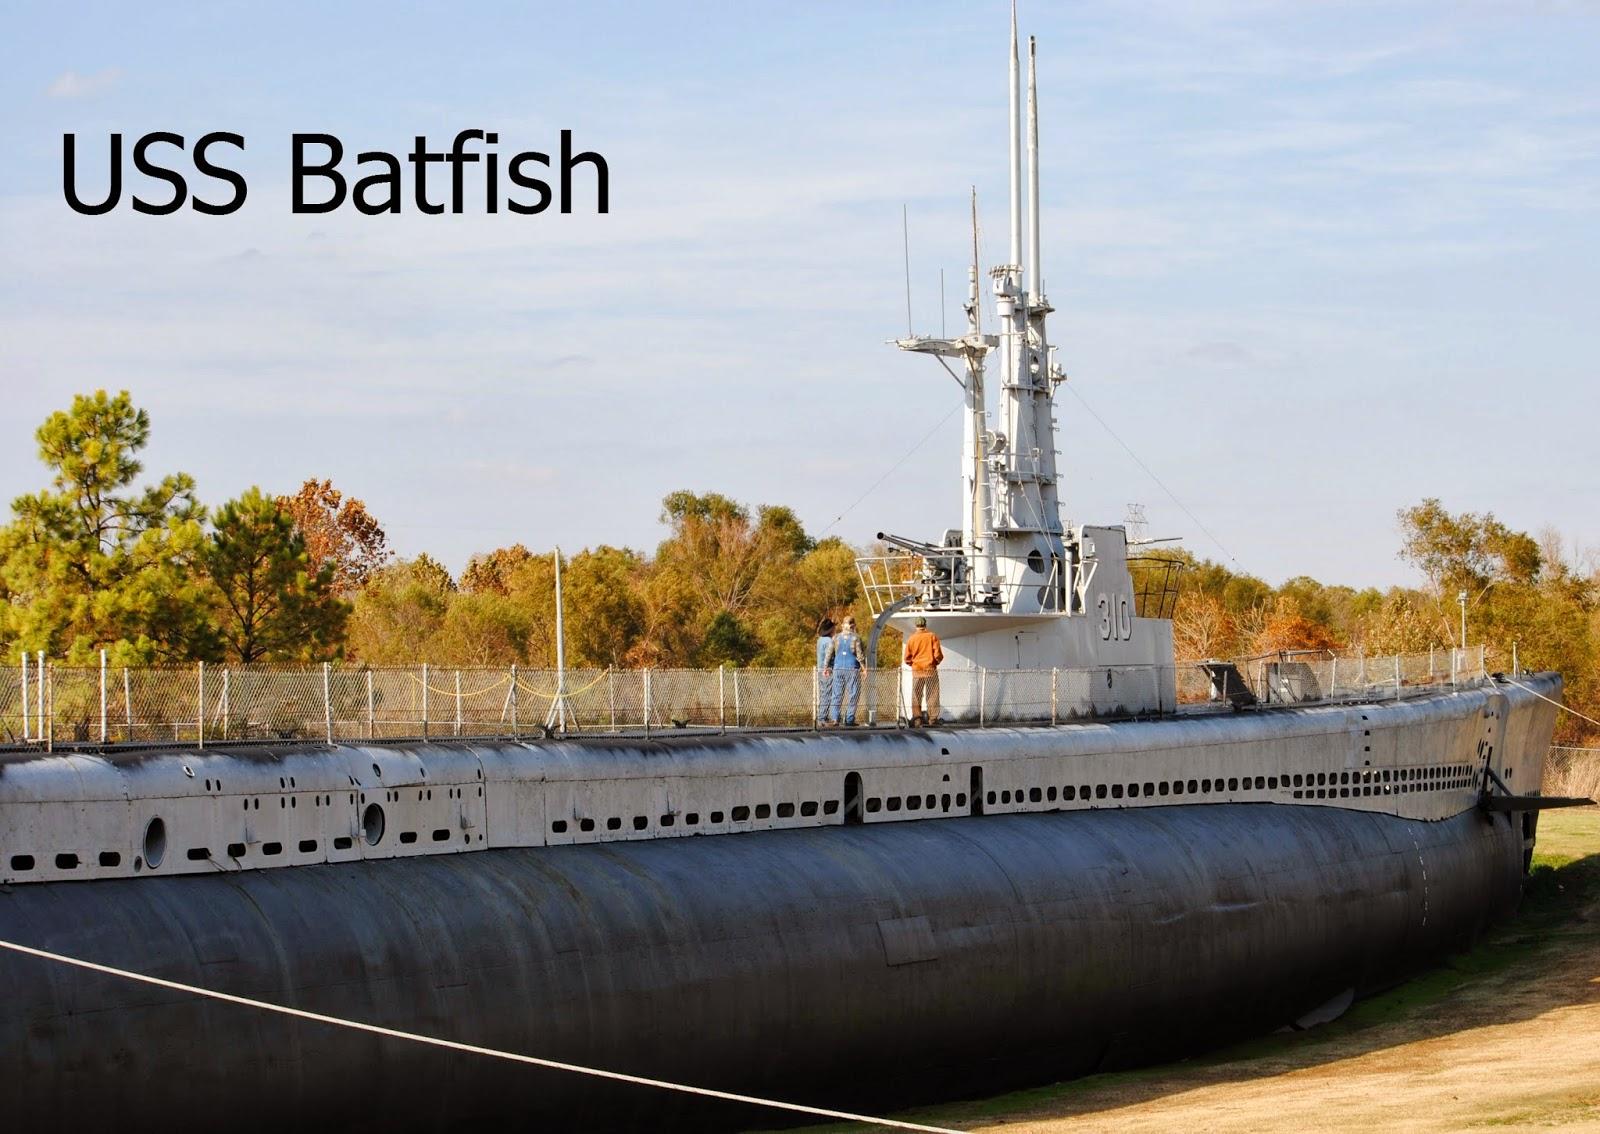 Batfish Submarine | Stone Cottage Adventures Uss Batfish Hands On Wwii Submarine Museum